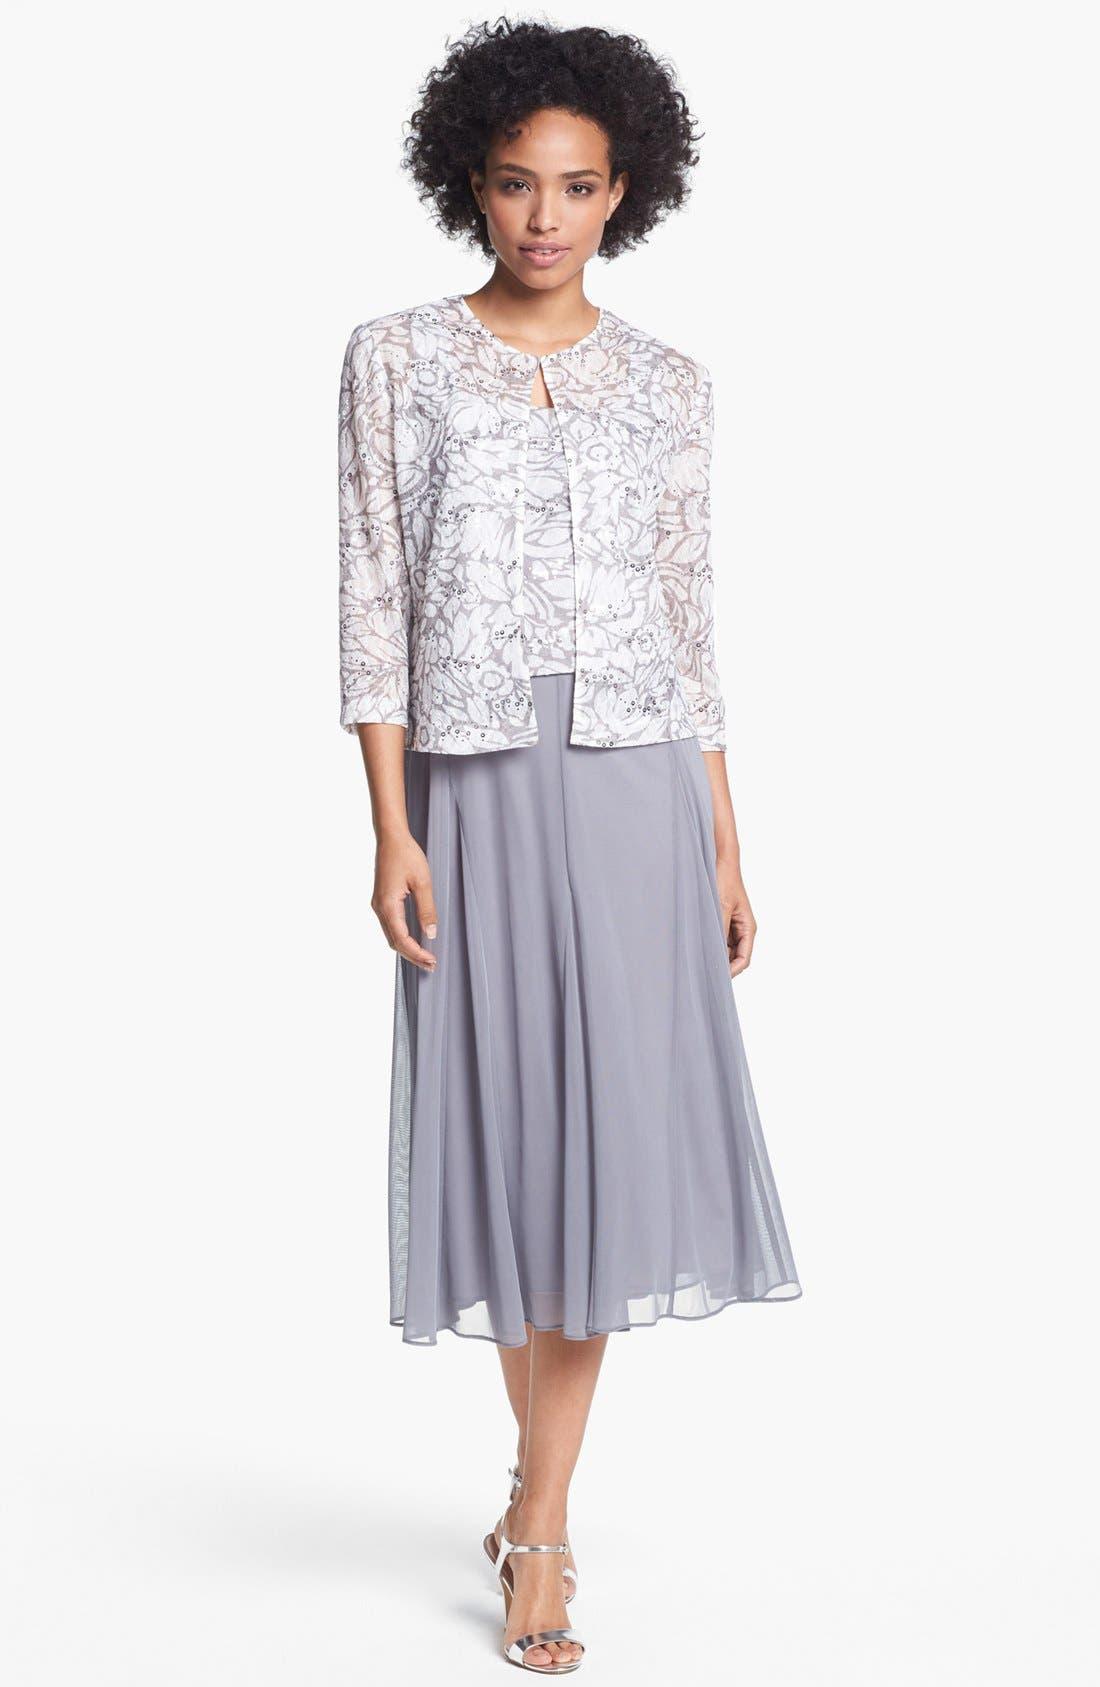 Main Image - Alex Evenings Embellished Mixed Media Dress & Jacket